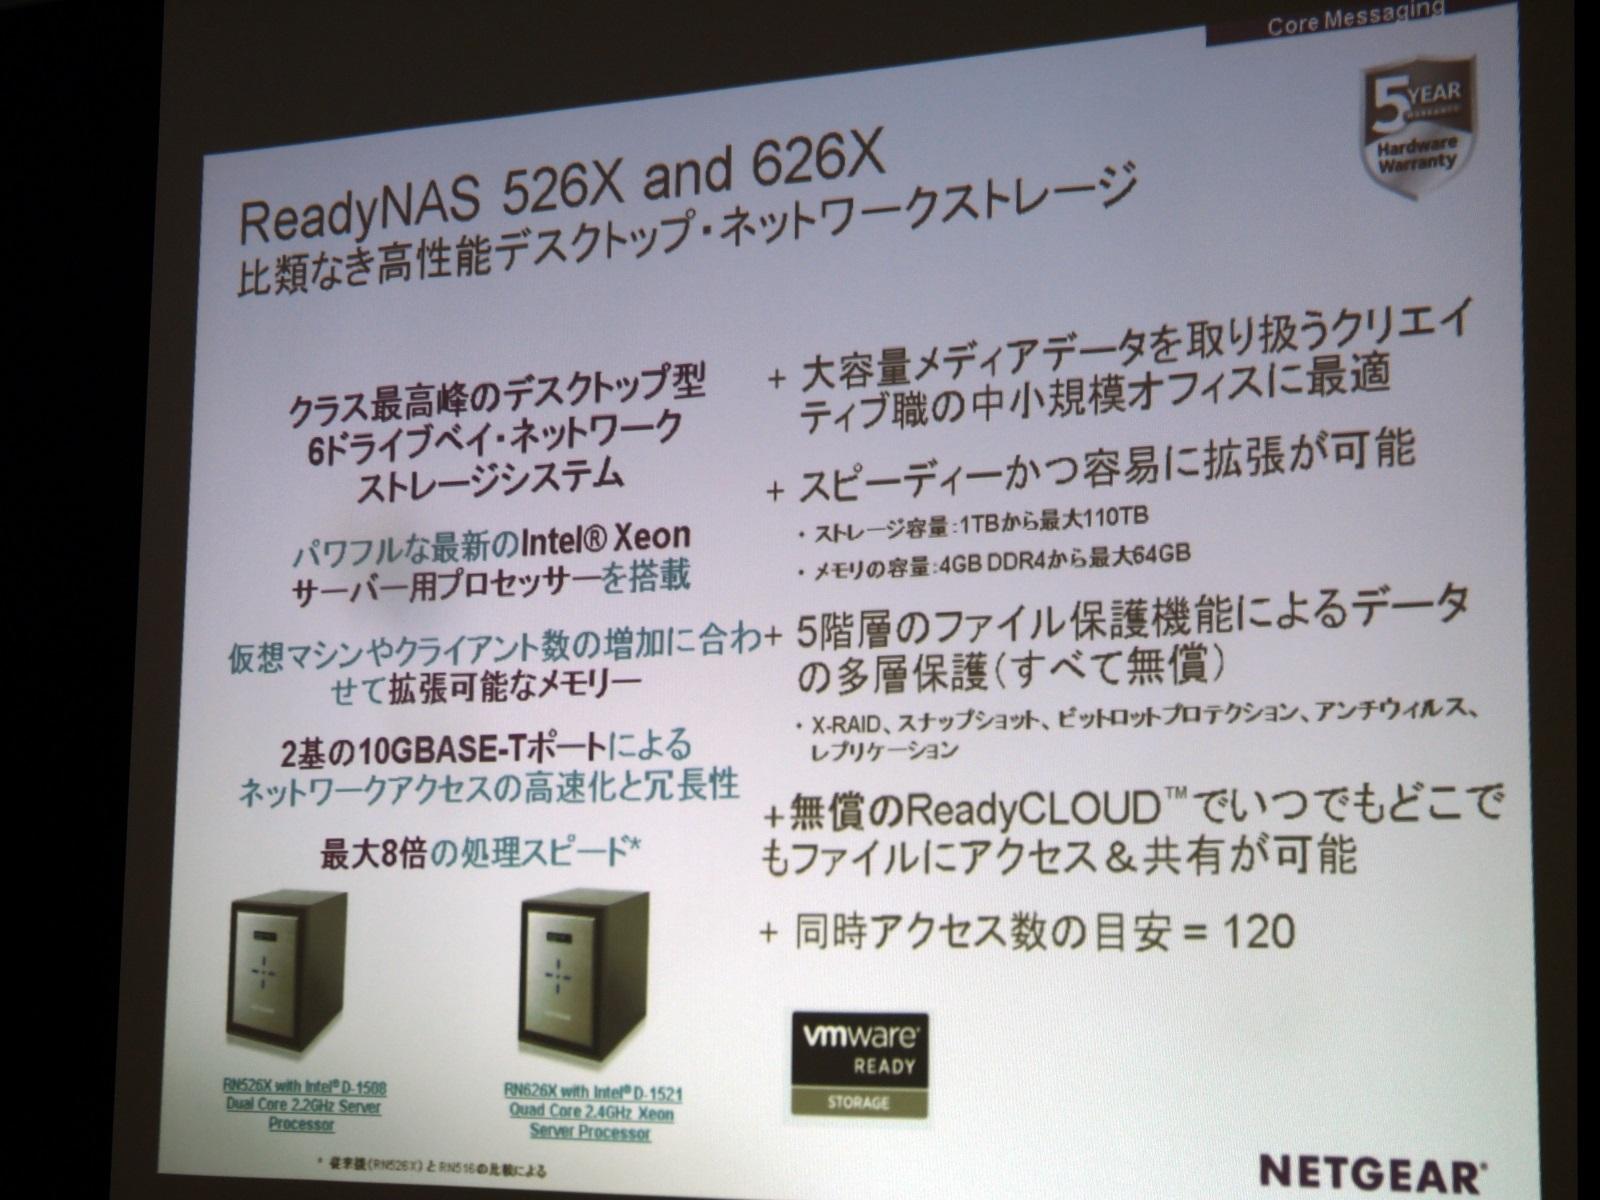 ReadyNAS 526X/626X